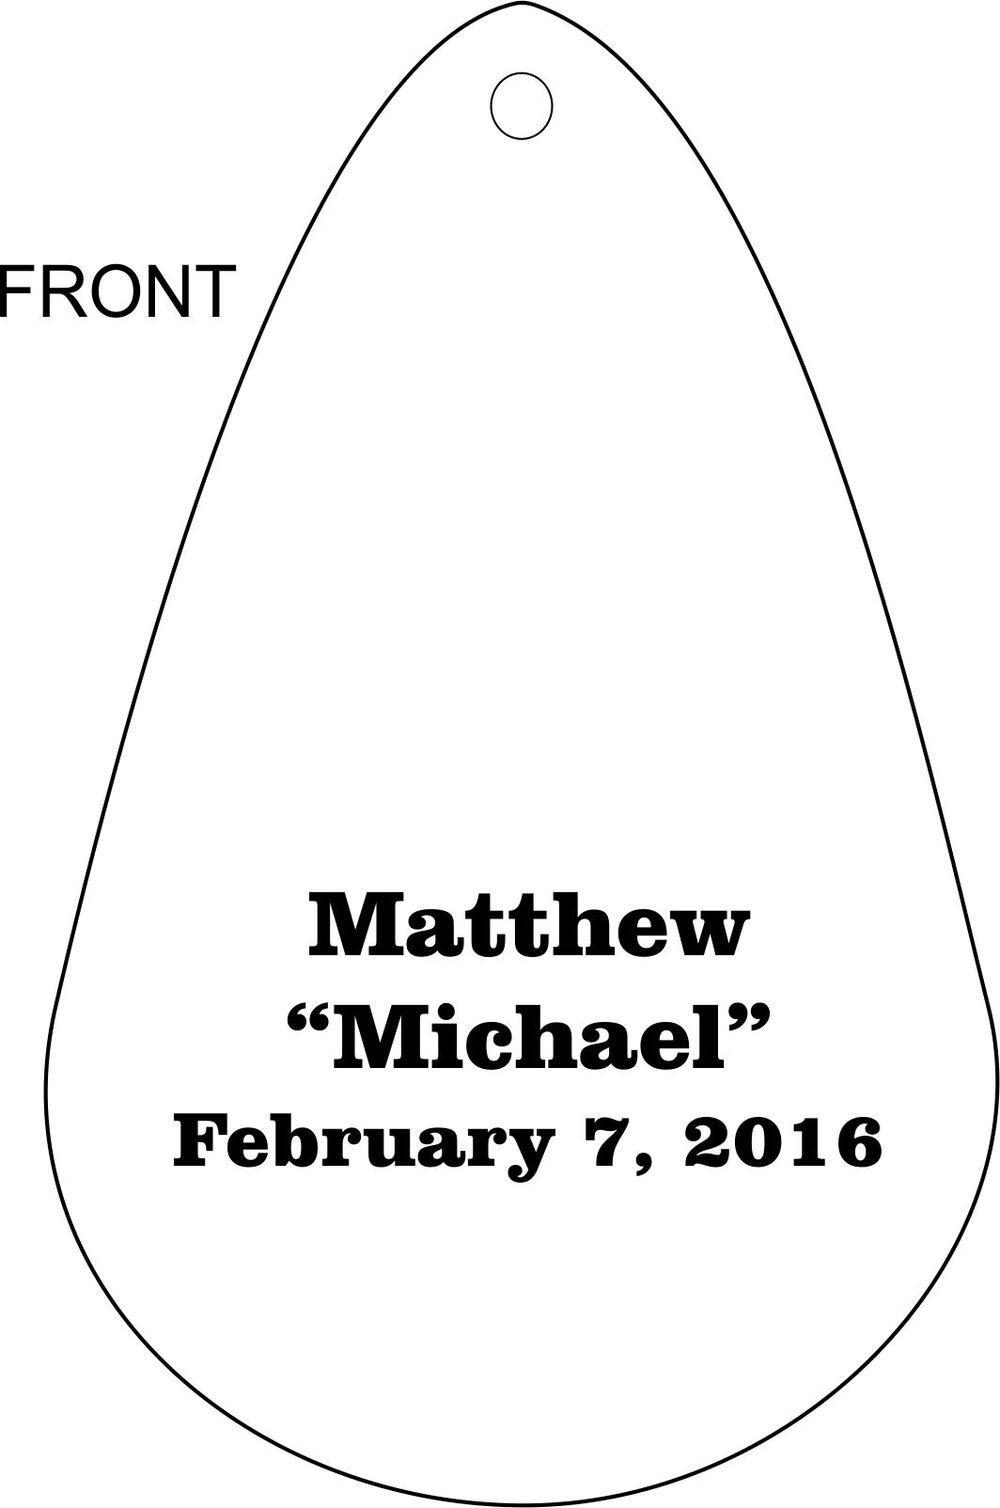 HANSMANN_Matthew sail FRONT.jpg